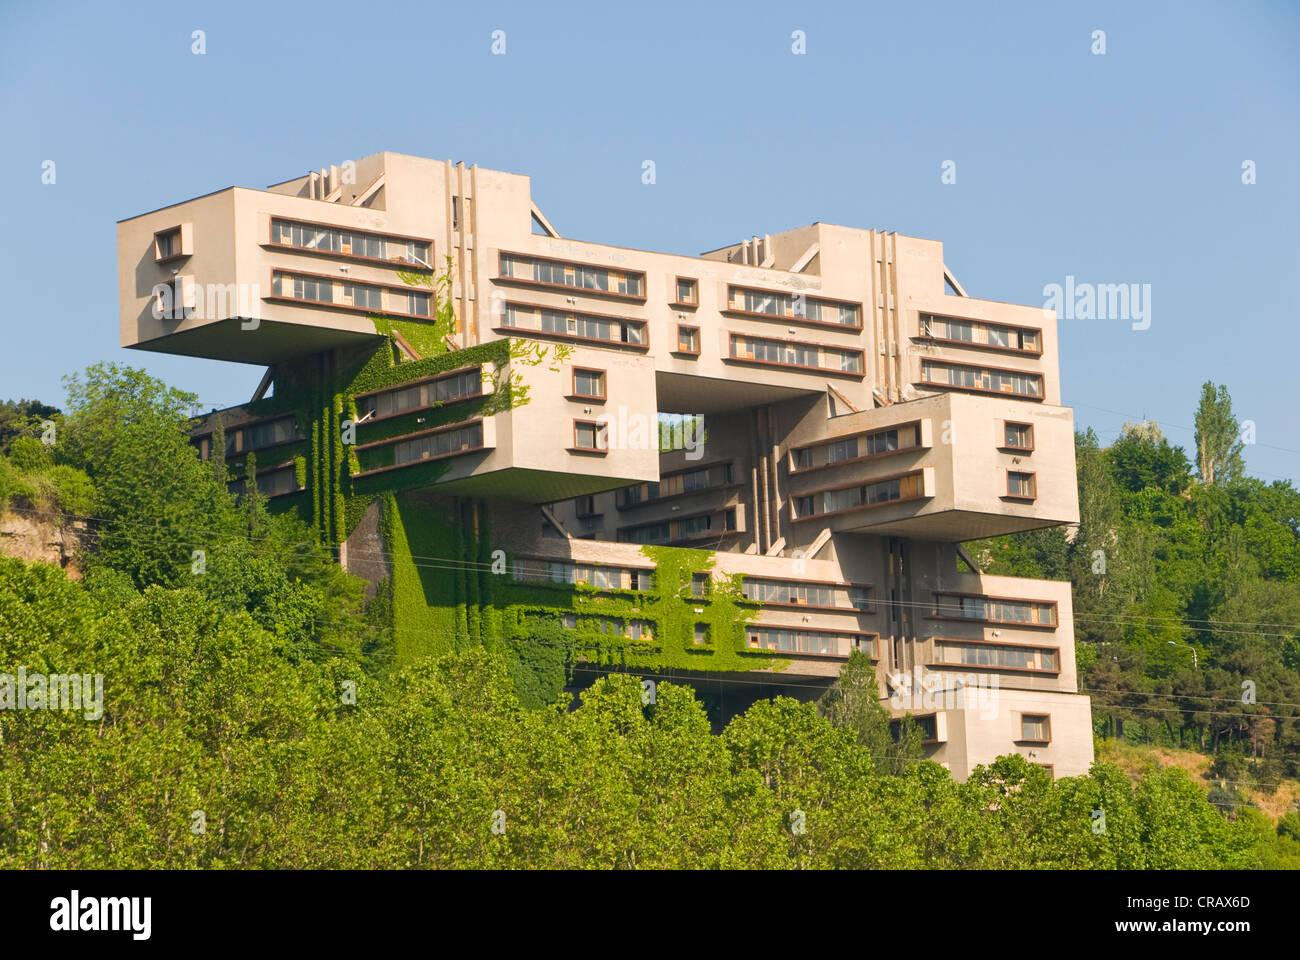 Soviet architecture, Tbilisi, Georgia, Caucasus region, Middle East - Stock Image